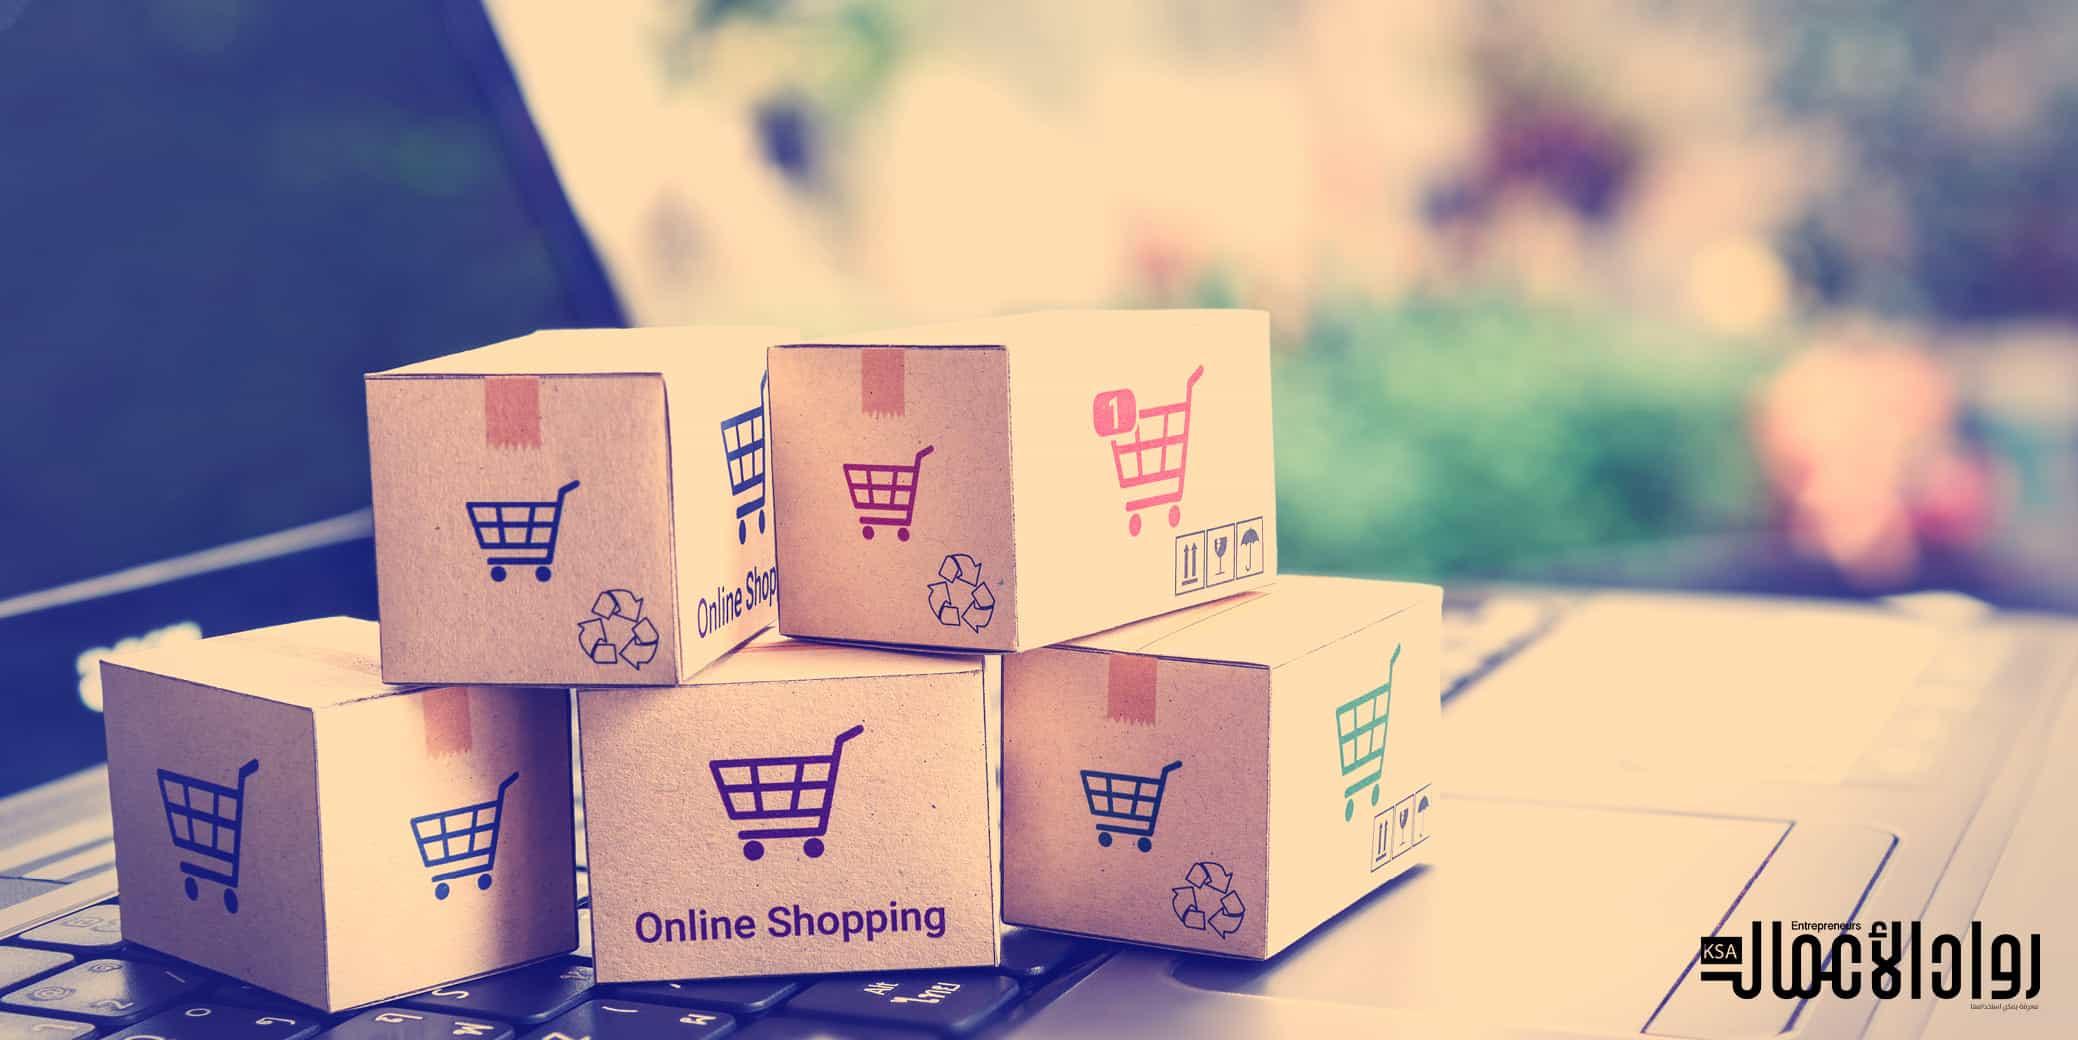 البيع على الإنترنت